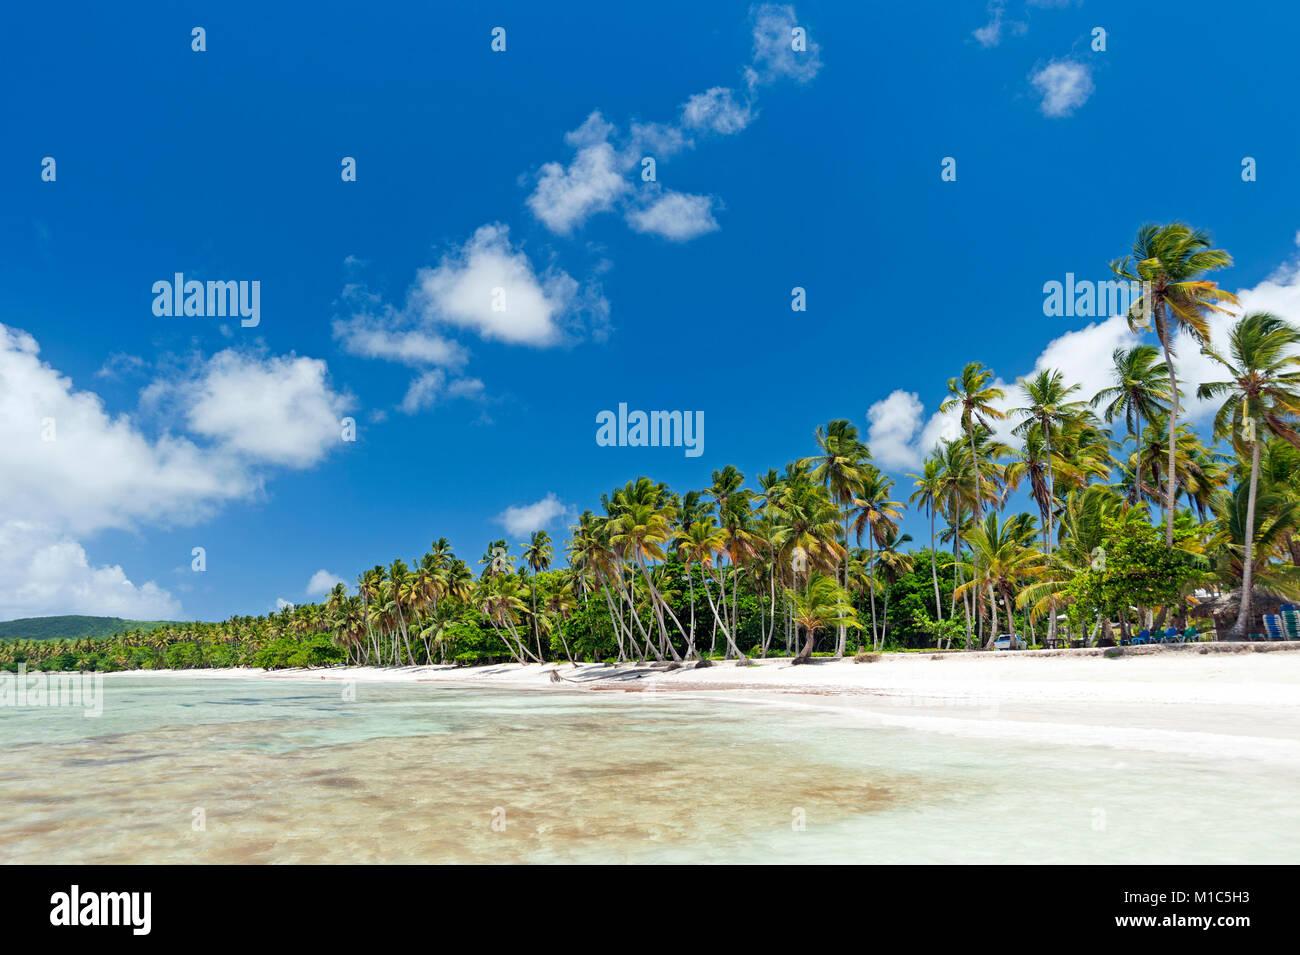 Hermosa playa caribeña tropical en la península de Samaná, República Dominicana Imagen De Stock